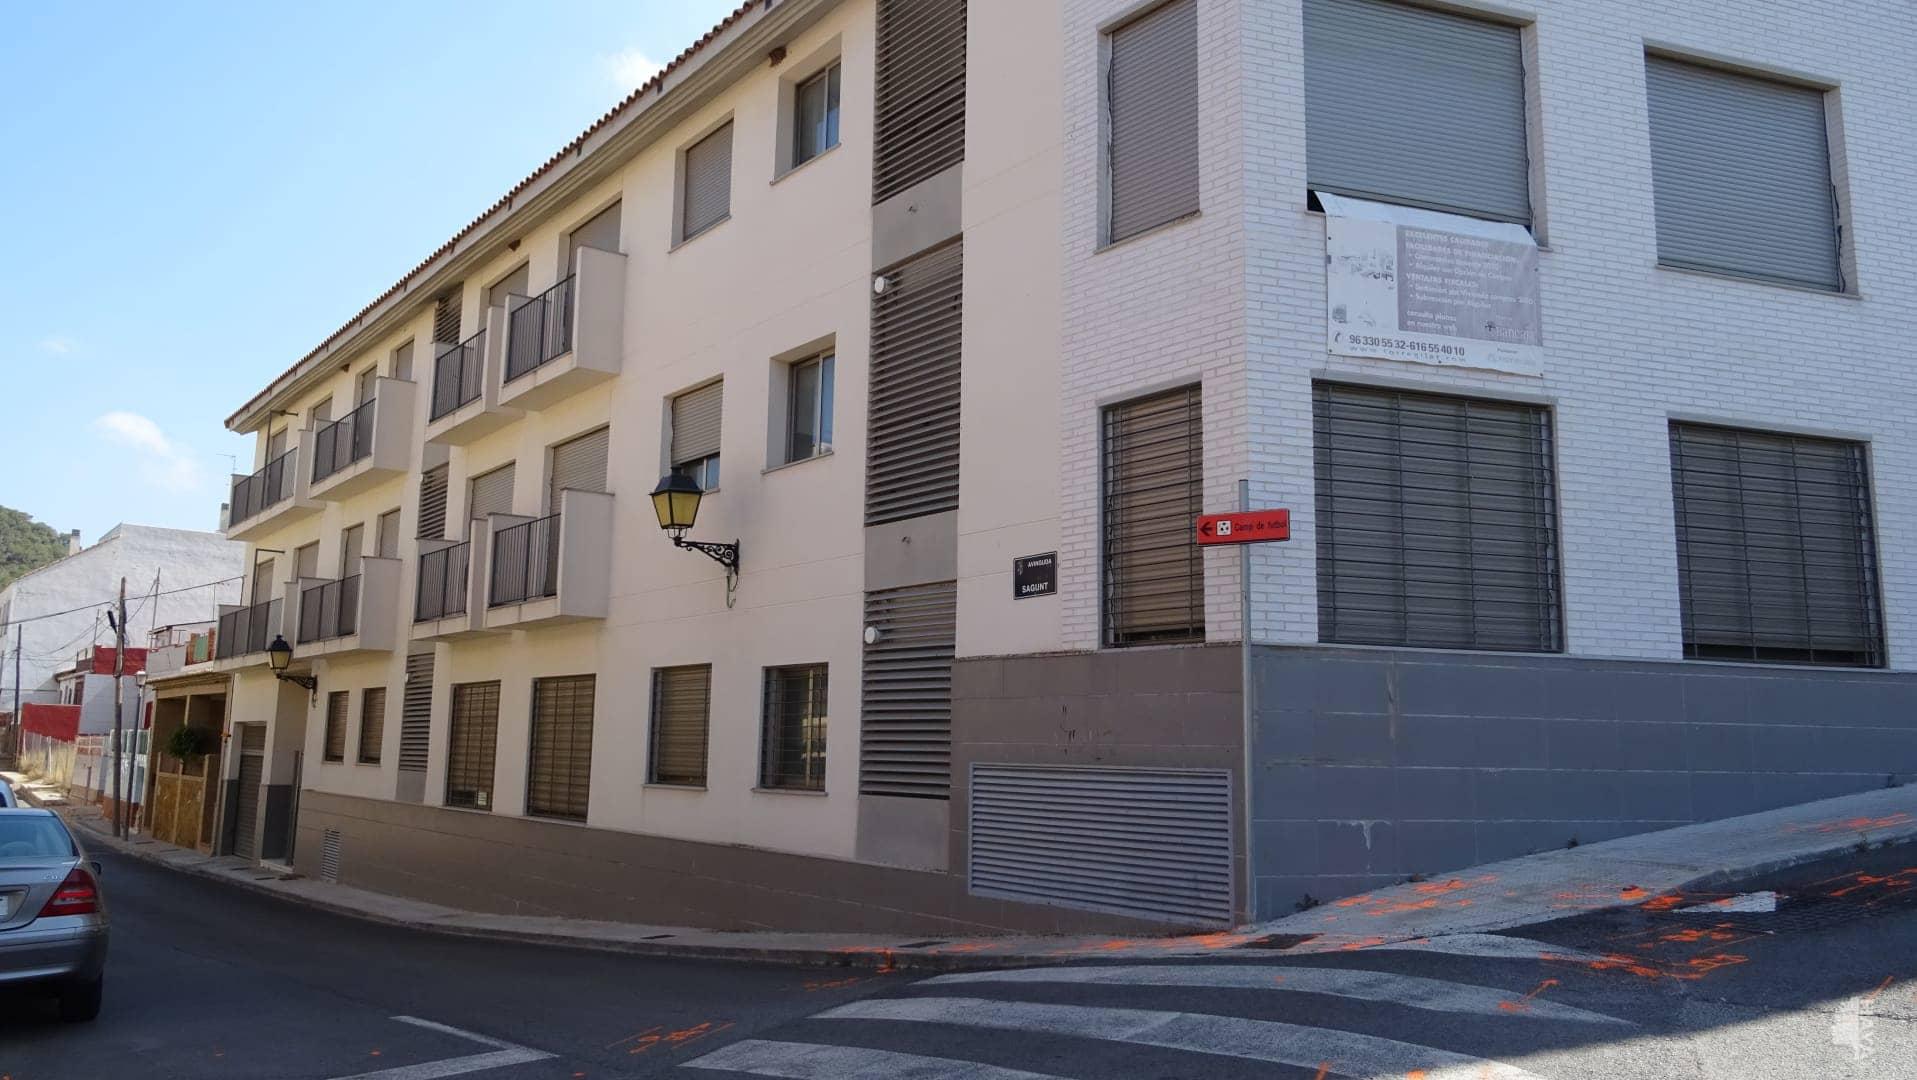 Piso en venta en Gilet, Gilet, Valencia, Calle Sagunt, 118.000 €, 2 habitaciones, 2 baños, 120 m2